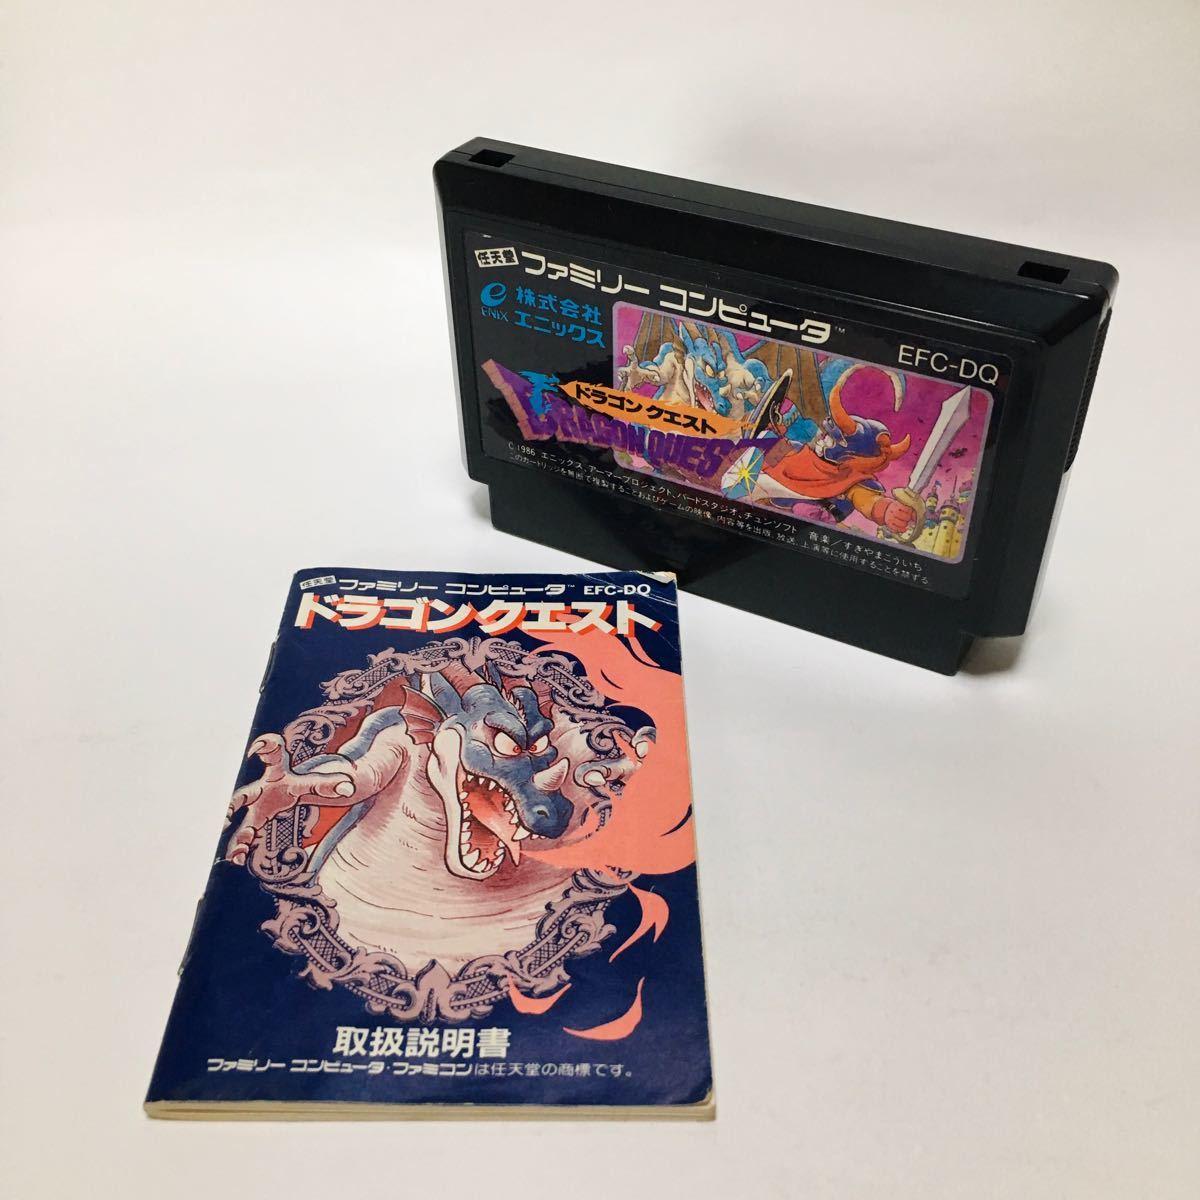 ドラゴンクエスト 任天堂 ファミコンソフト ファミコンカセット 廃盤品 レトロゲーム